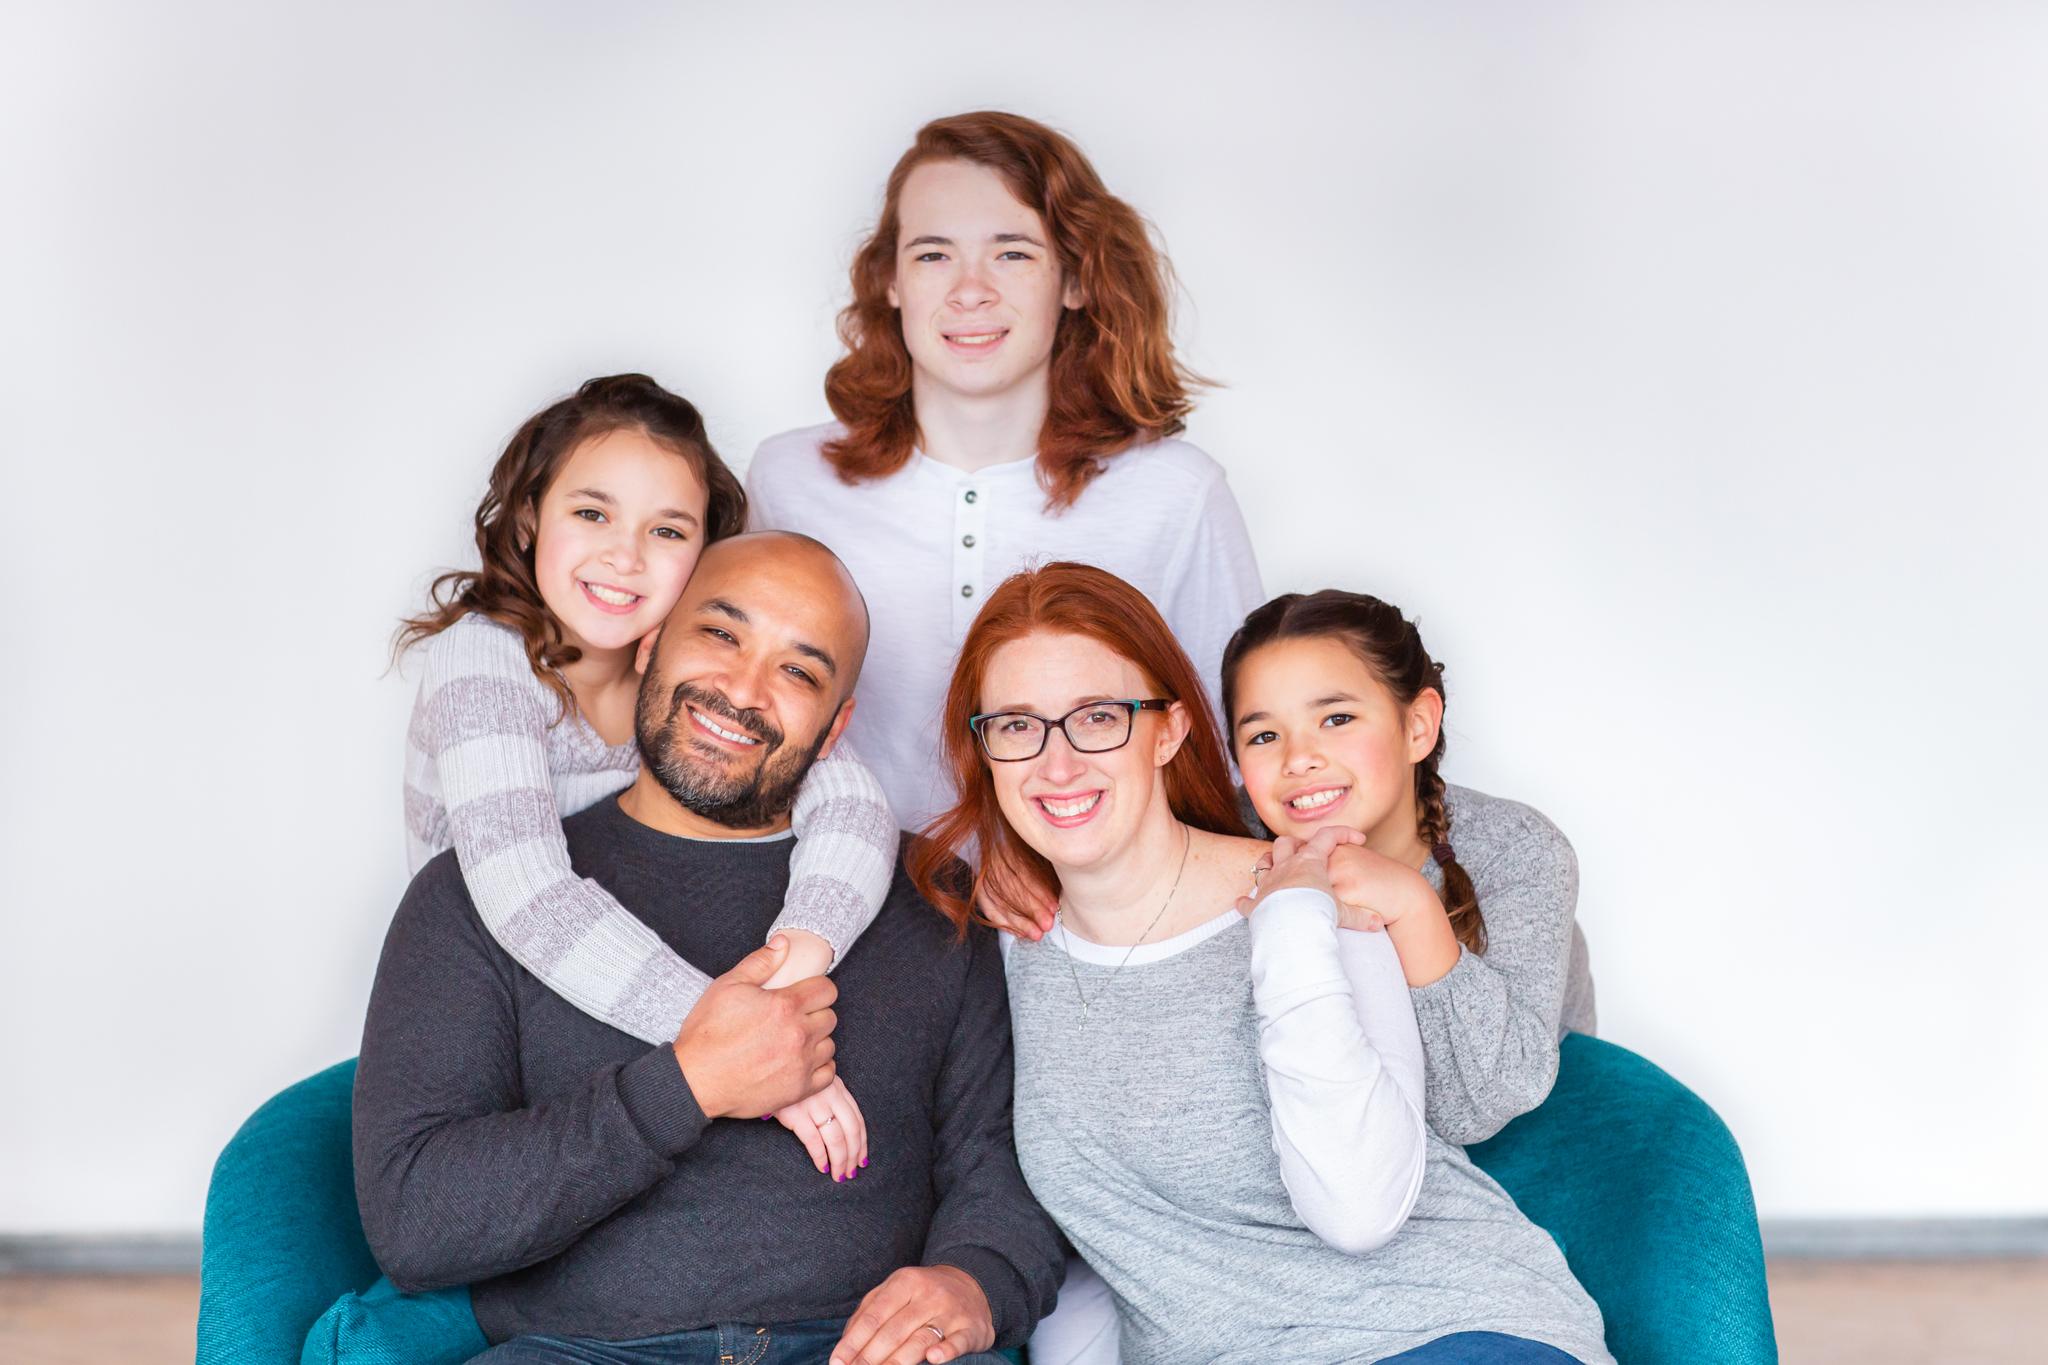 Susanne & Steve – Family Photos – 2.8.2020